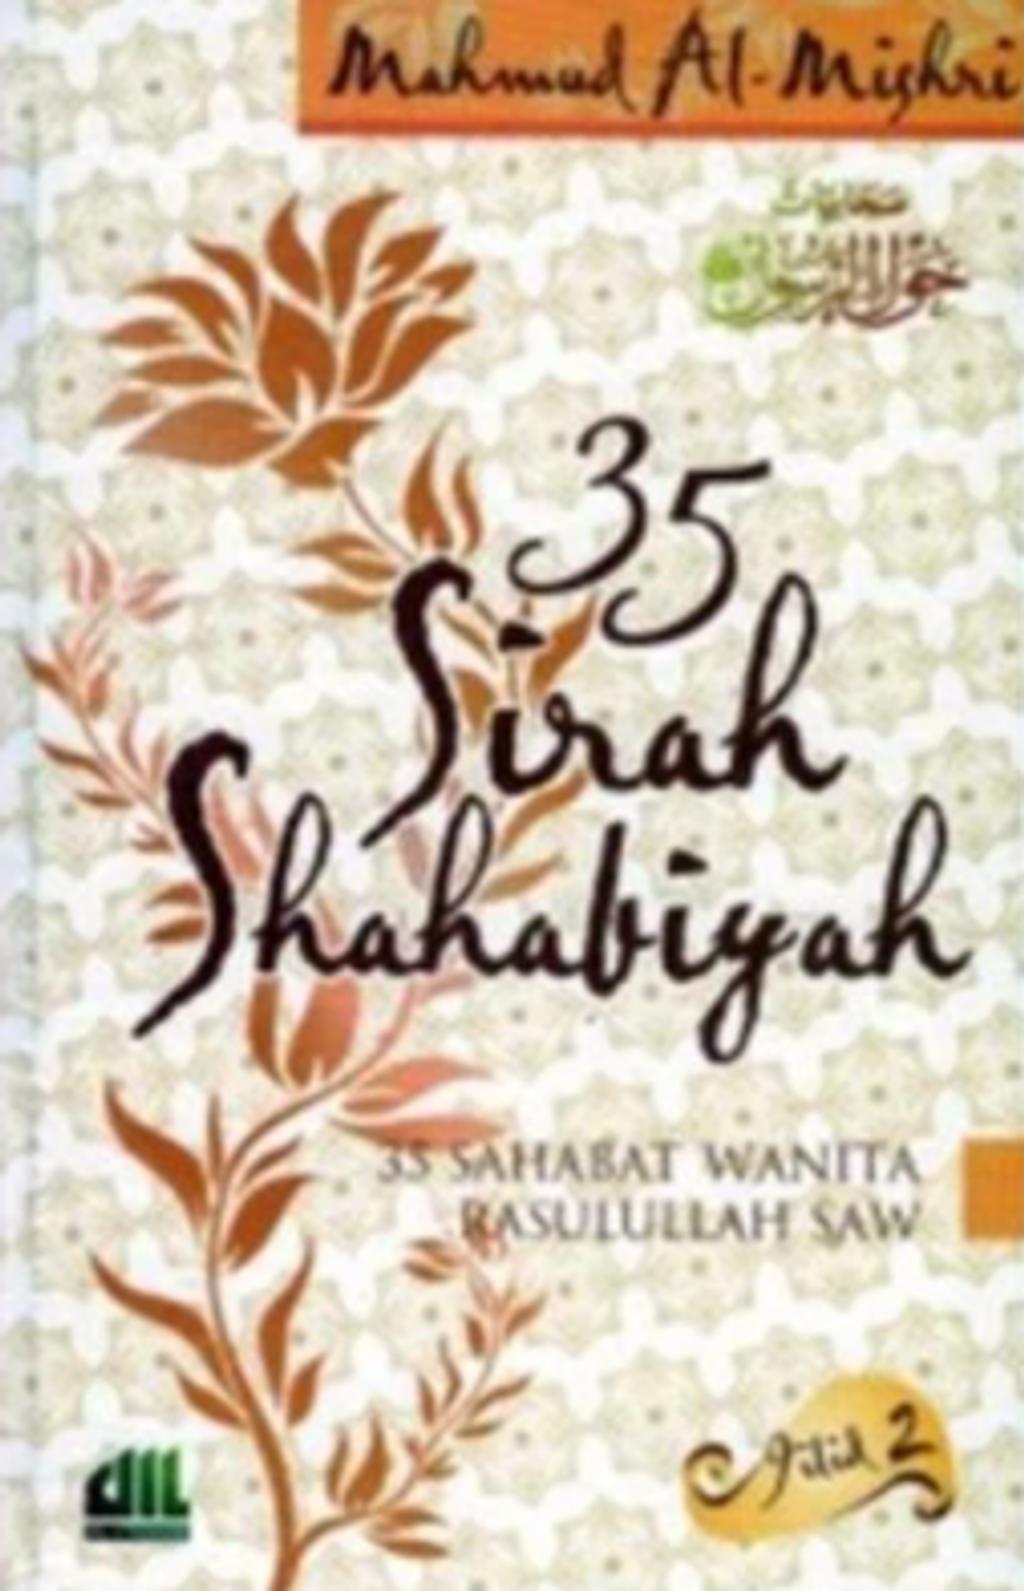 35 sirah shahabiyah j2.PNG